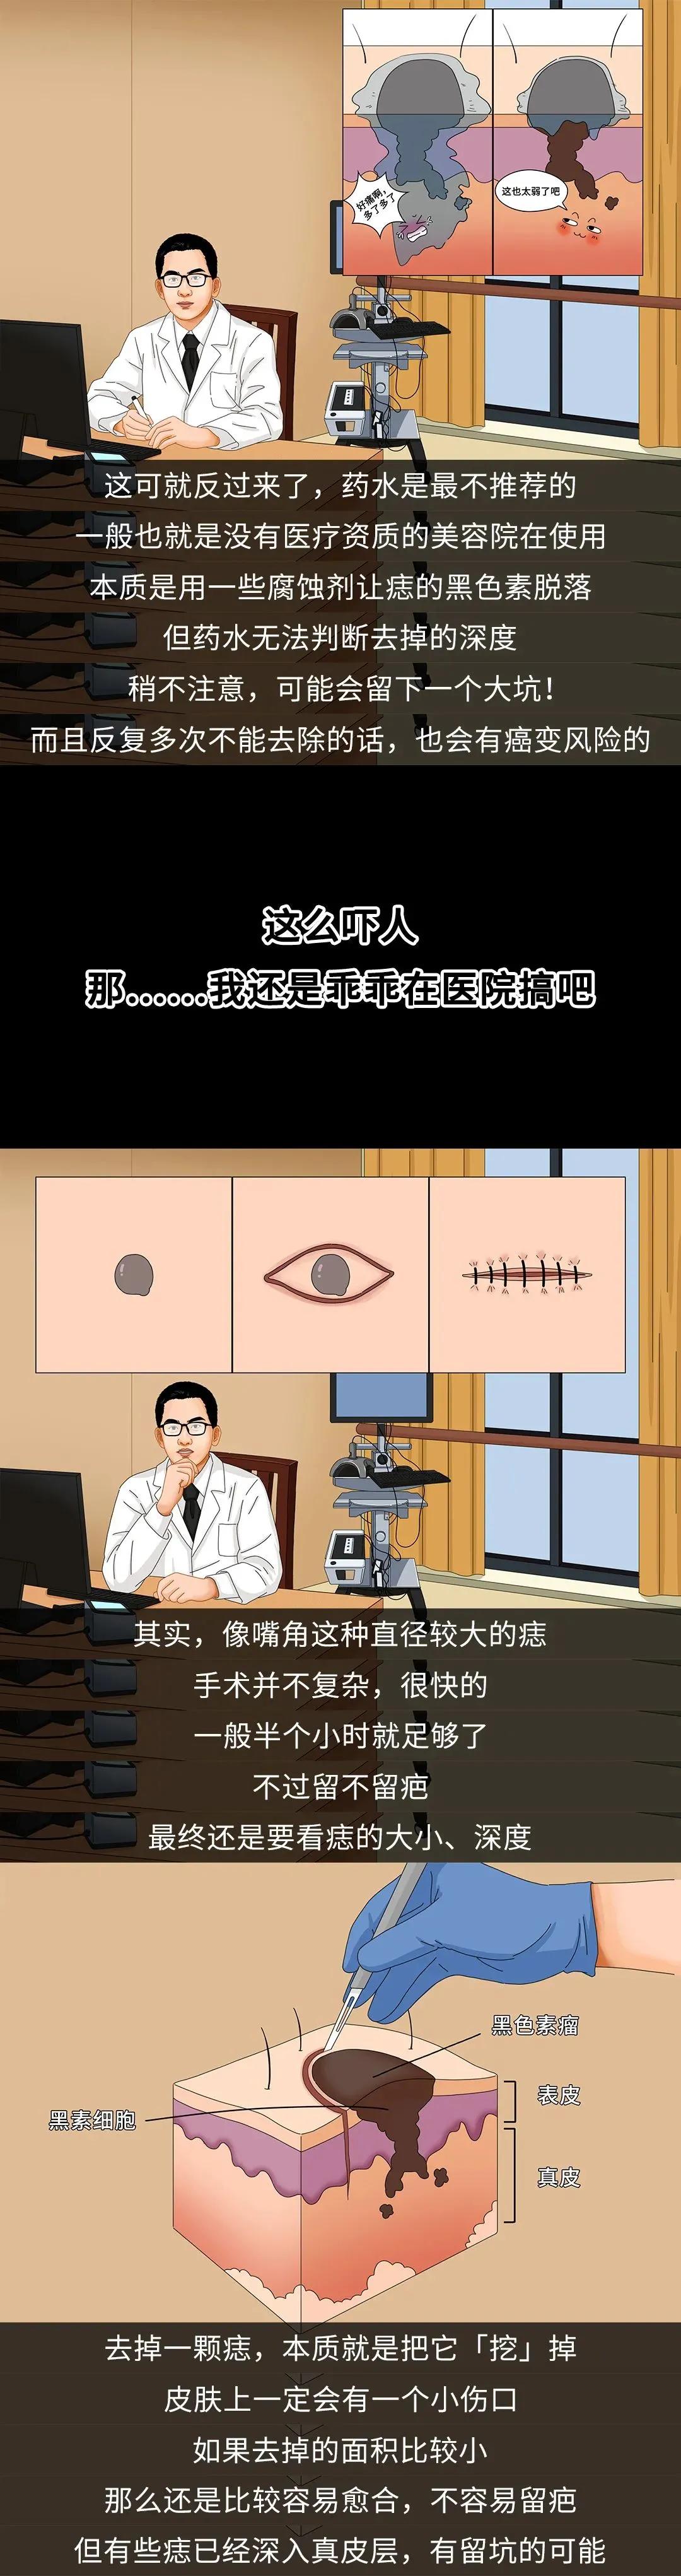 哪些痣会癌变?脸上的痣能点吗?专家这回终于说清楚了